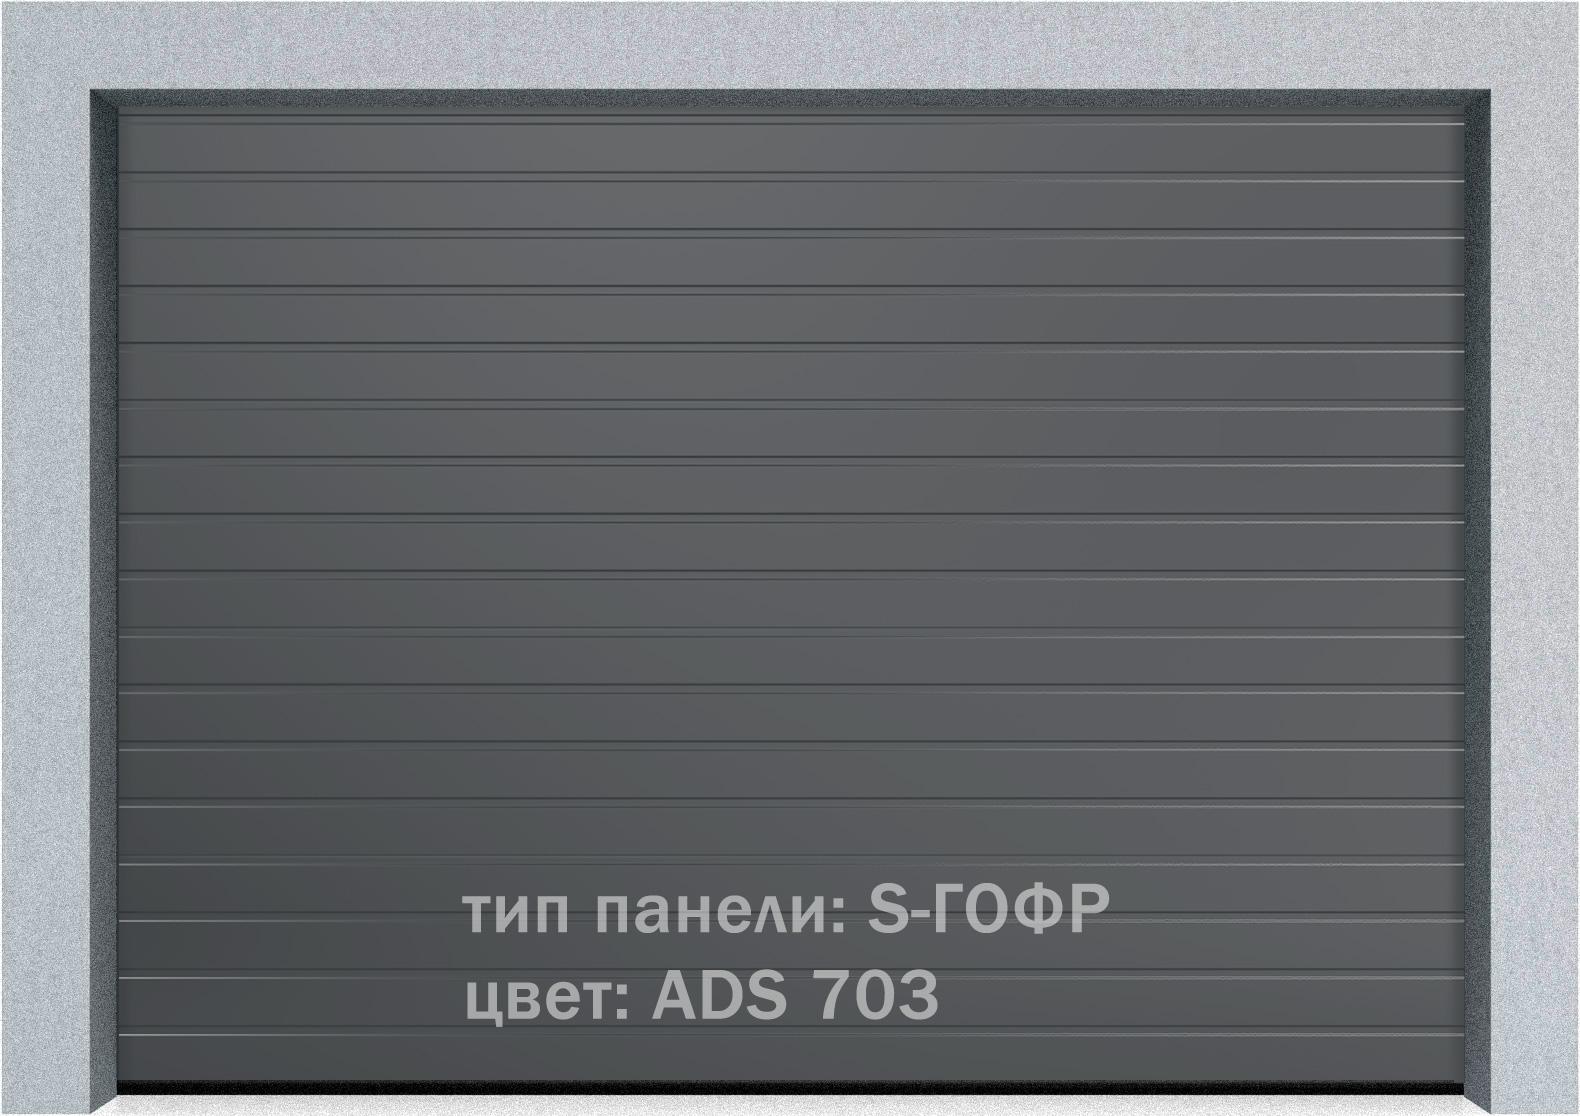 Секционные промышленные ворота Alutech ProTrend 3375х2000 S-гофр, Микроволна стандартные цвета, фото 10